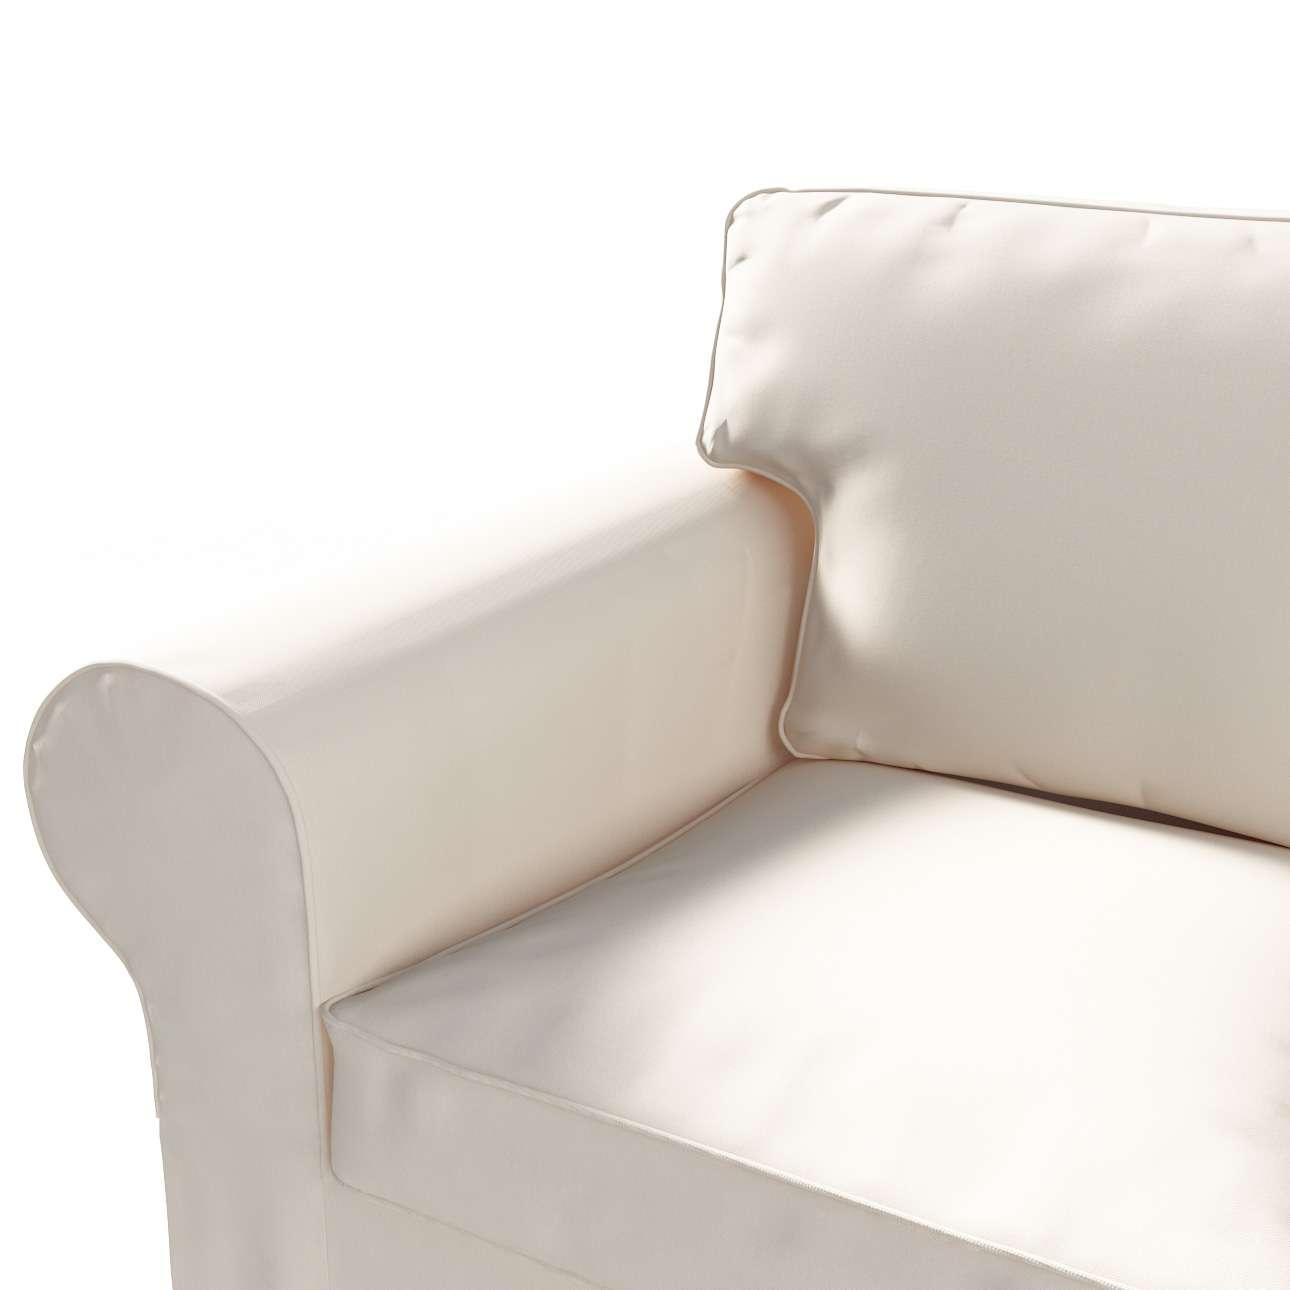 Pokrowiec na sofę Ektorp 3-osobową, rozkładaną w kolekcji Etna, tkanina: 705-01